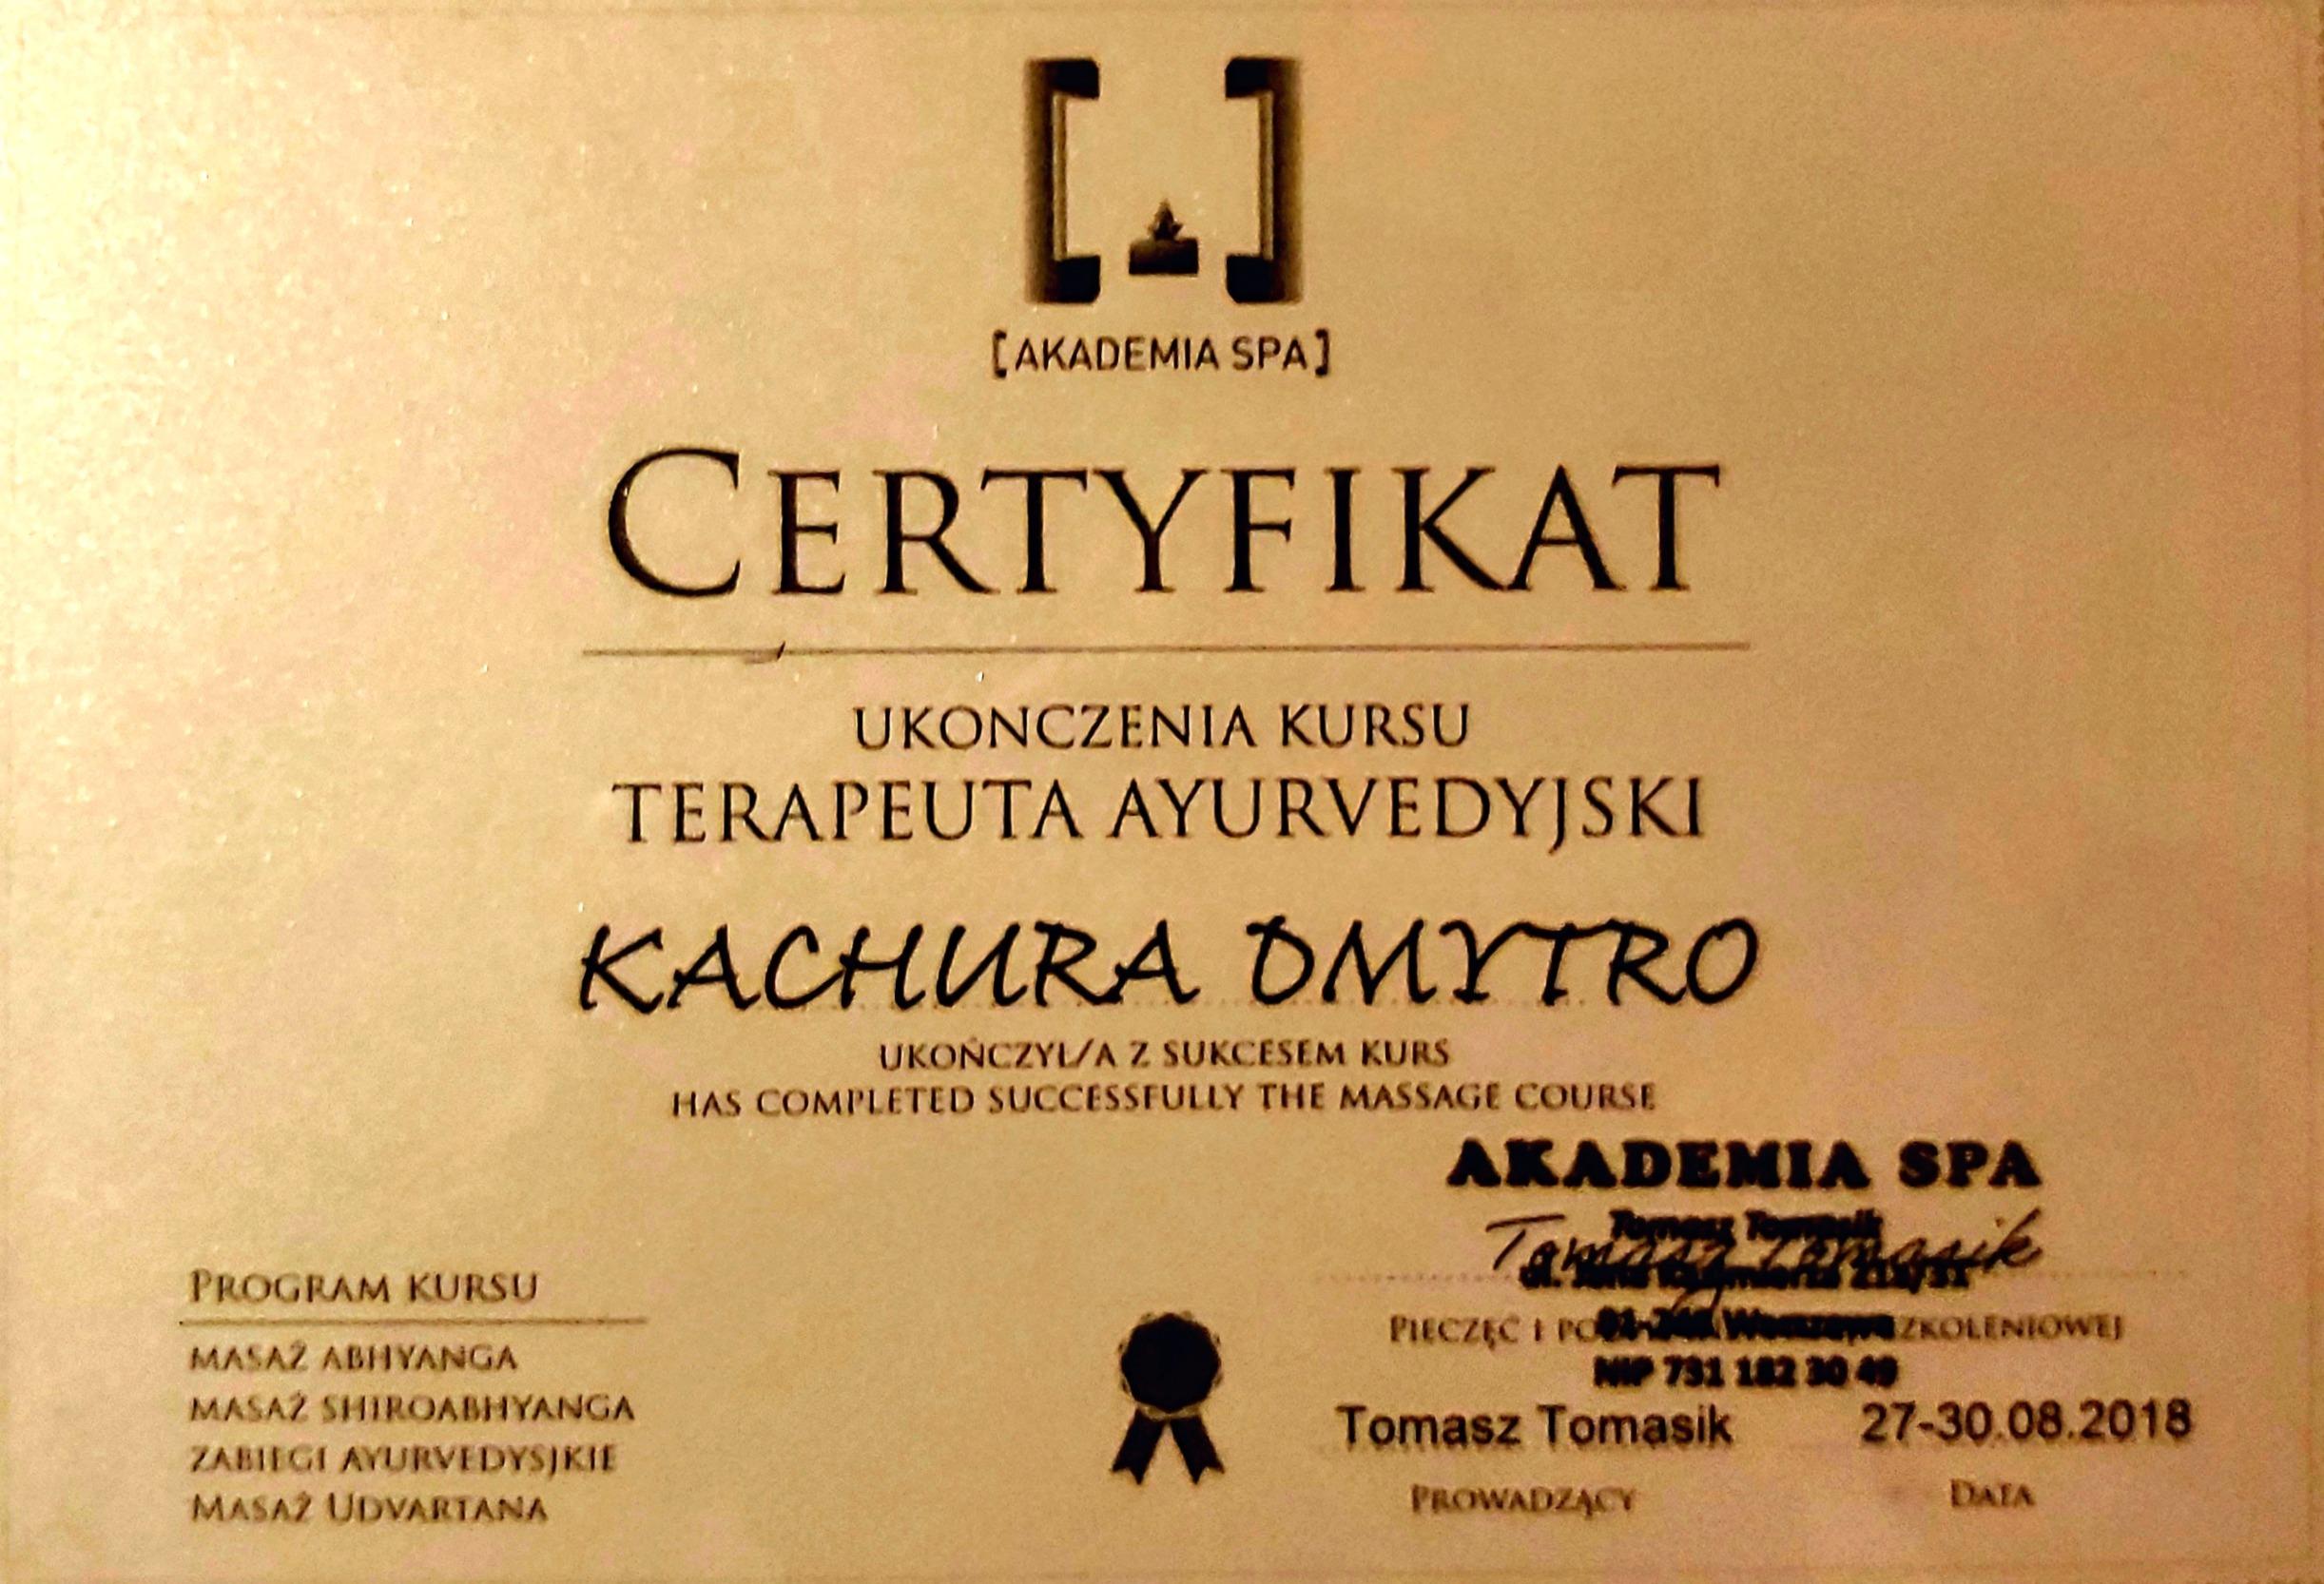 Akademia Spa